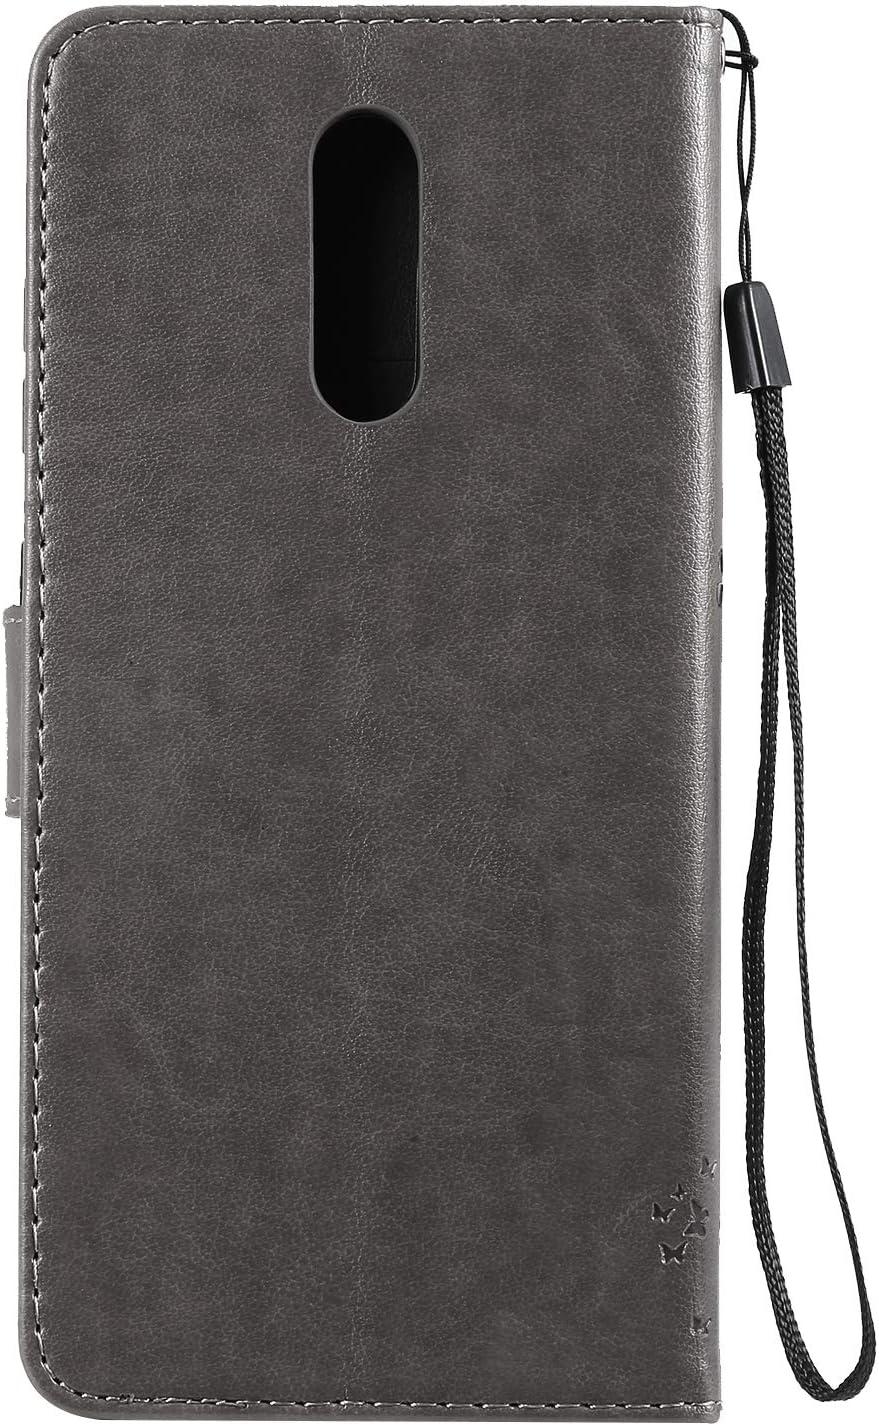 QPOLLY Compatible avec Nokia 3.2 Coque /à Rabat en PU Cuir Chat et Arbre Emboss Portefeuille Fermeture /à Aimant Protecteur Etui Housse avec Fente Carte de Cr/édit Fonction Stand,Gris